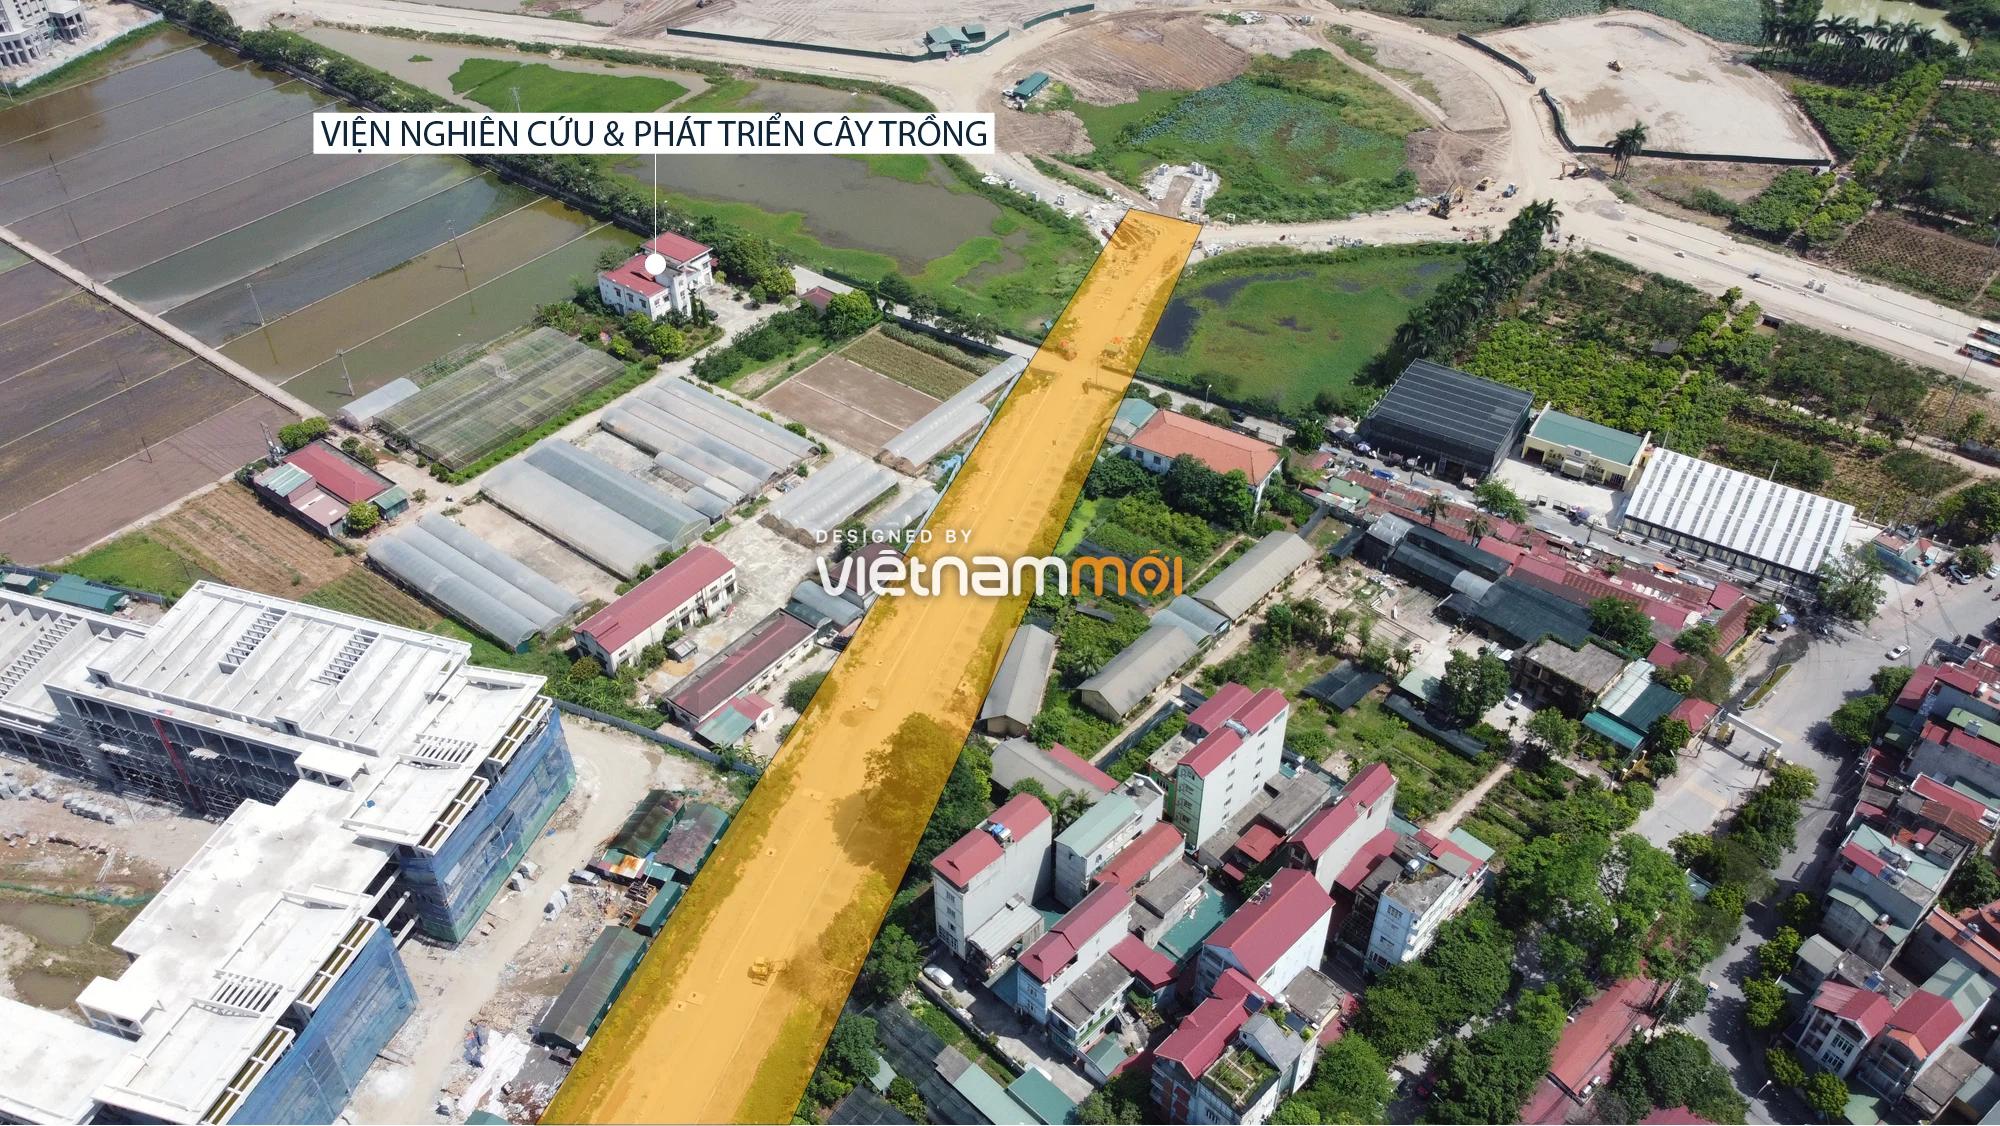 Toàn cảnh tuyến đường từ Vinhomes Ocean Park đến QL5 qua Học viện Nông nghiệp đang mở theo quy hoạch ở Hà Nội - Ảnh 6.